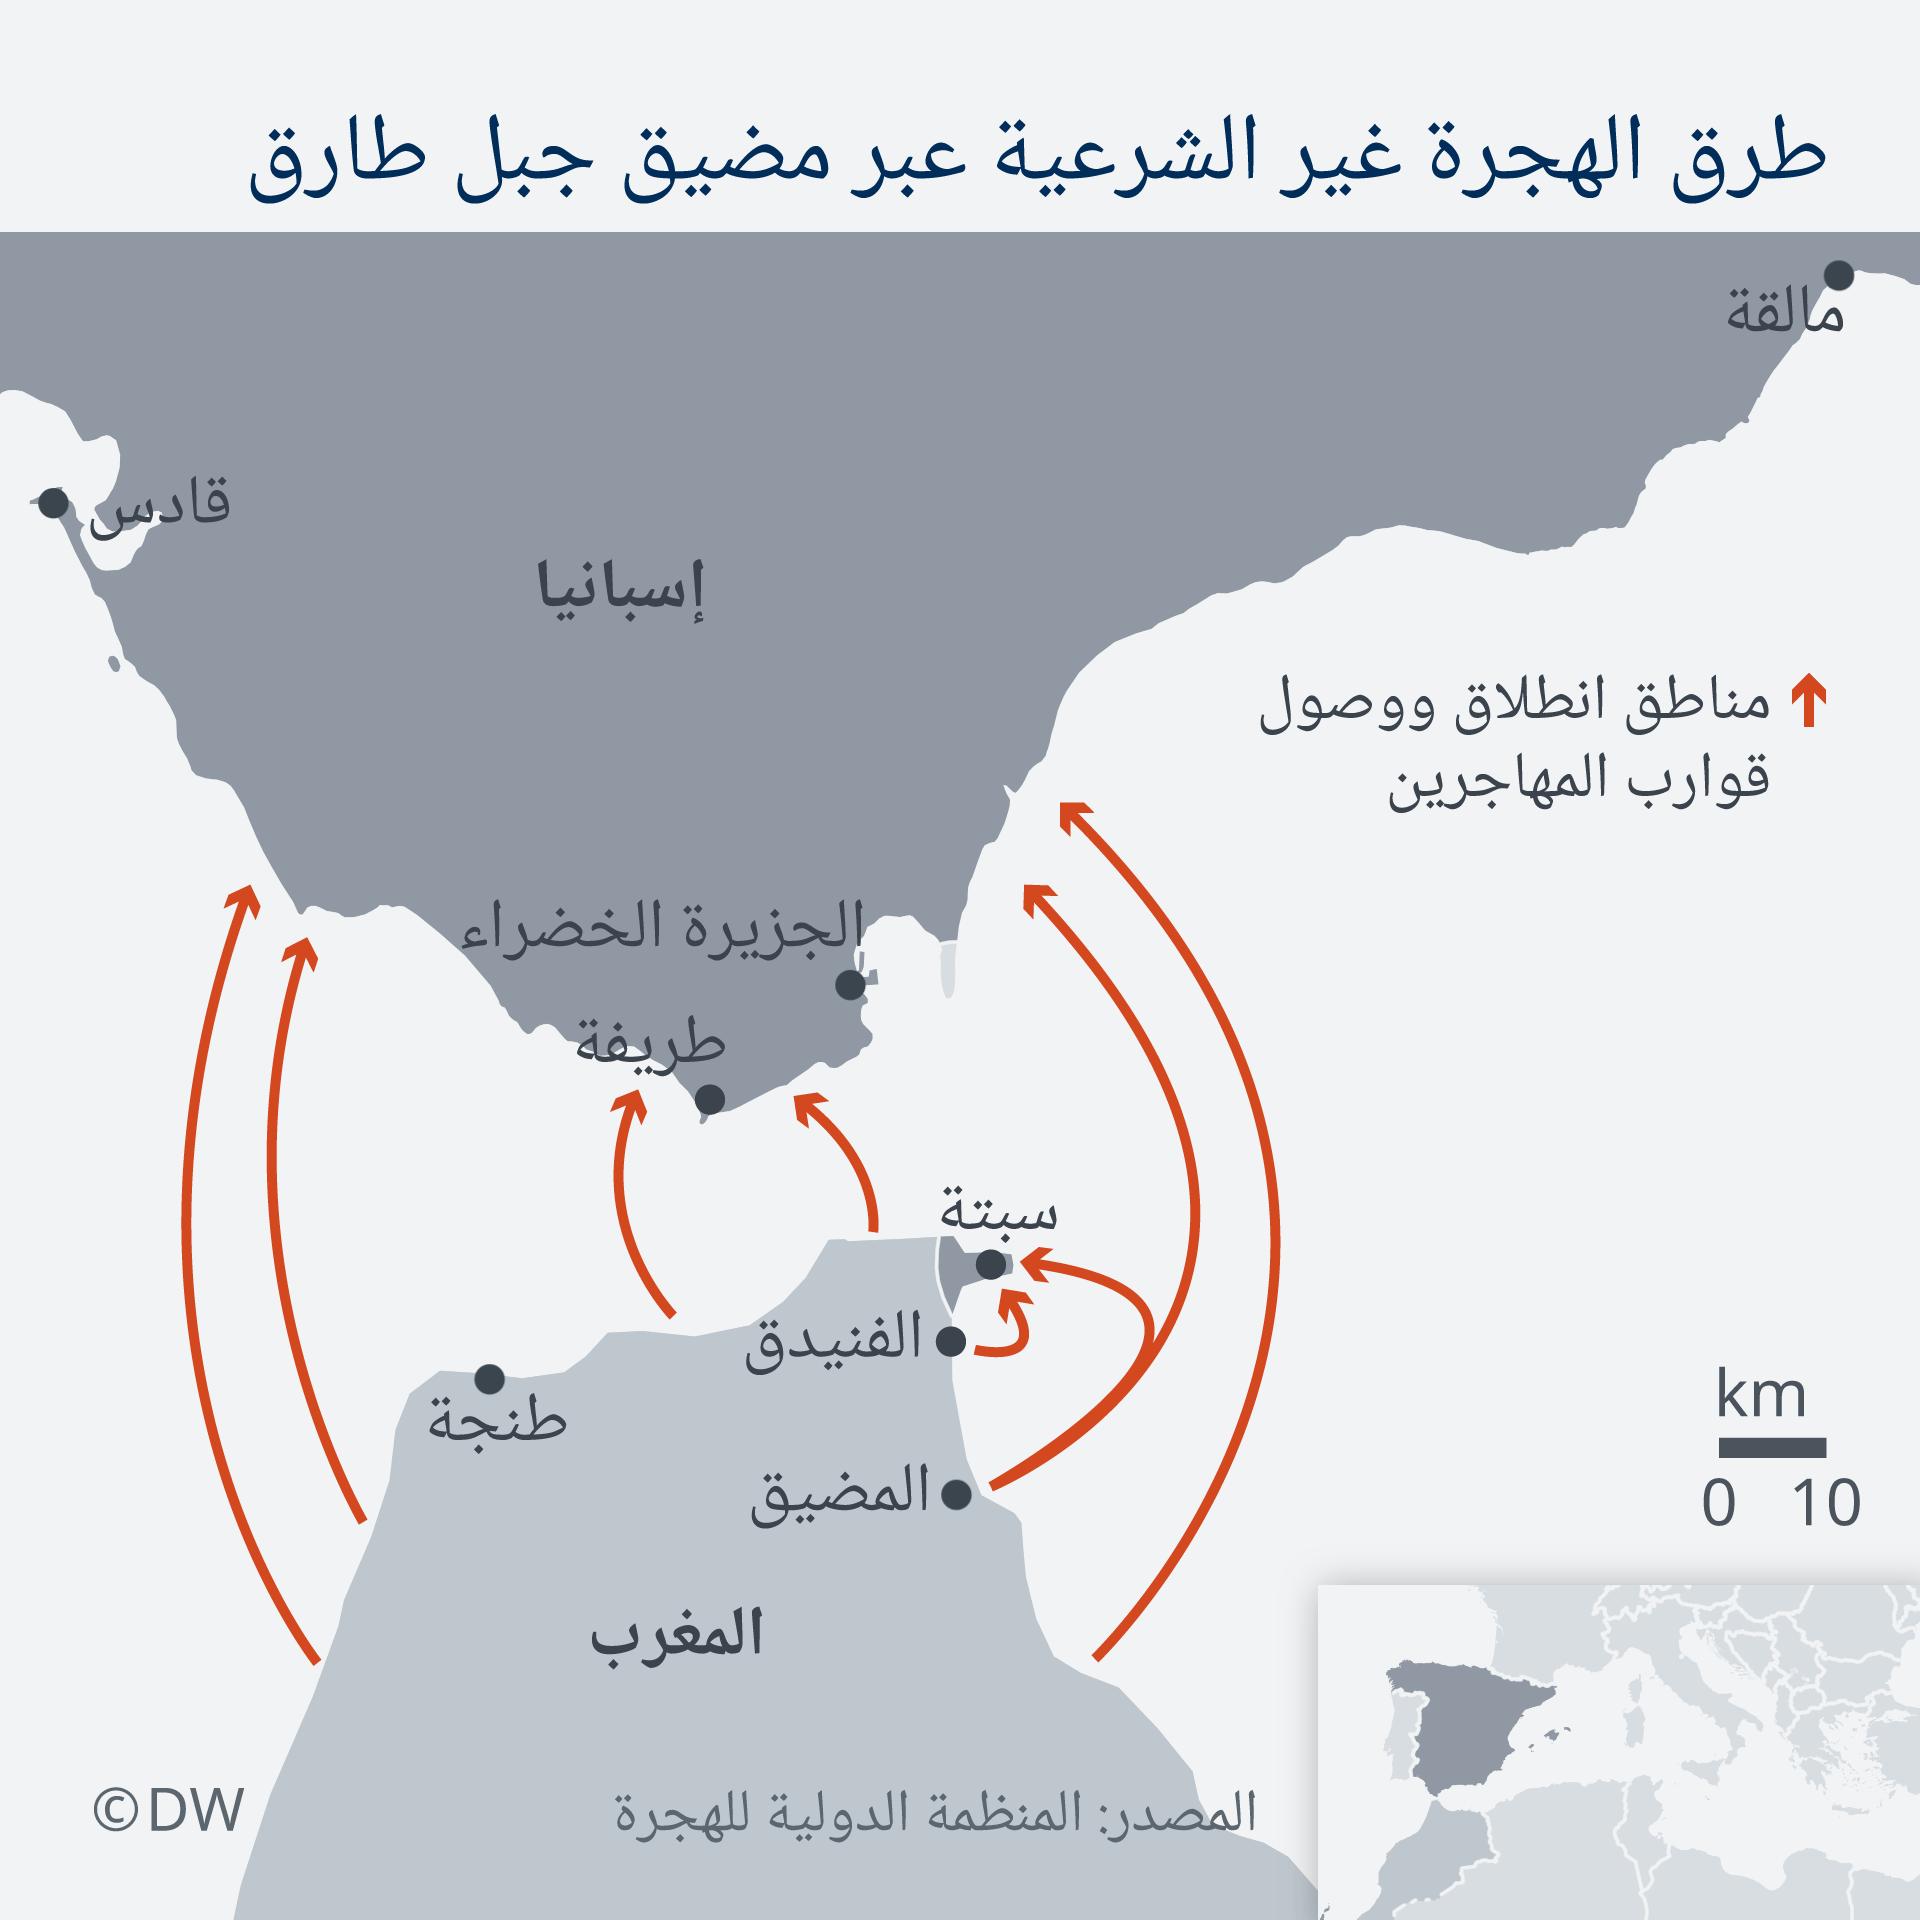 عبر مضيق جبل طارق هكذا انتعشت الهجرة السرية بين المغرب وإسبانيا